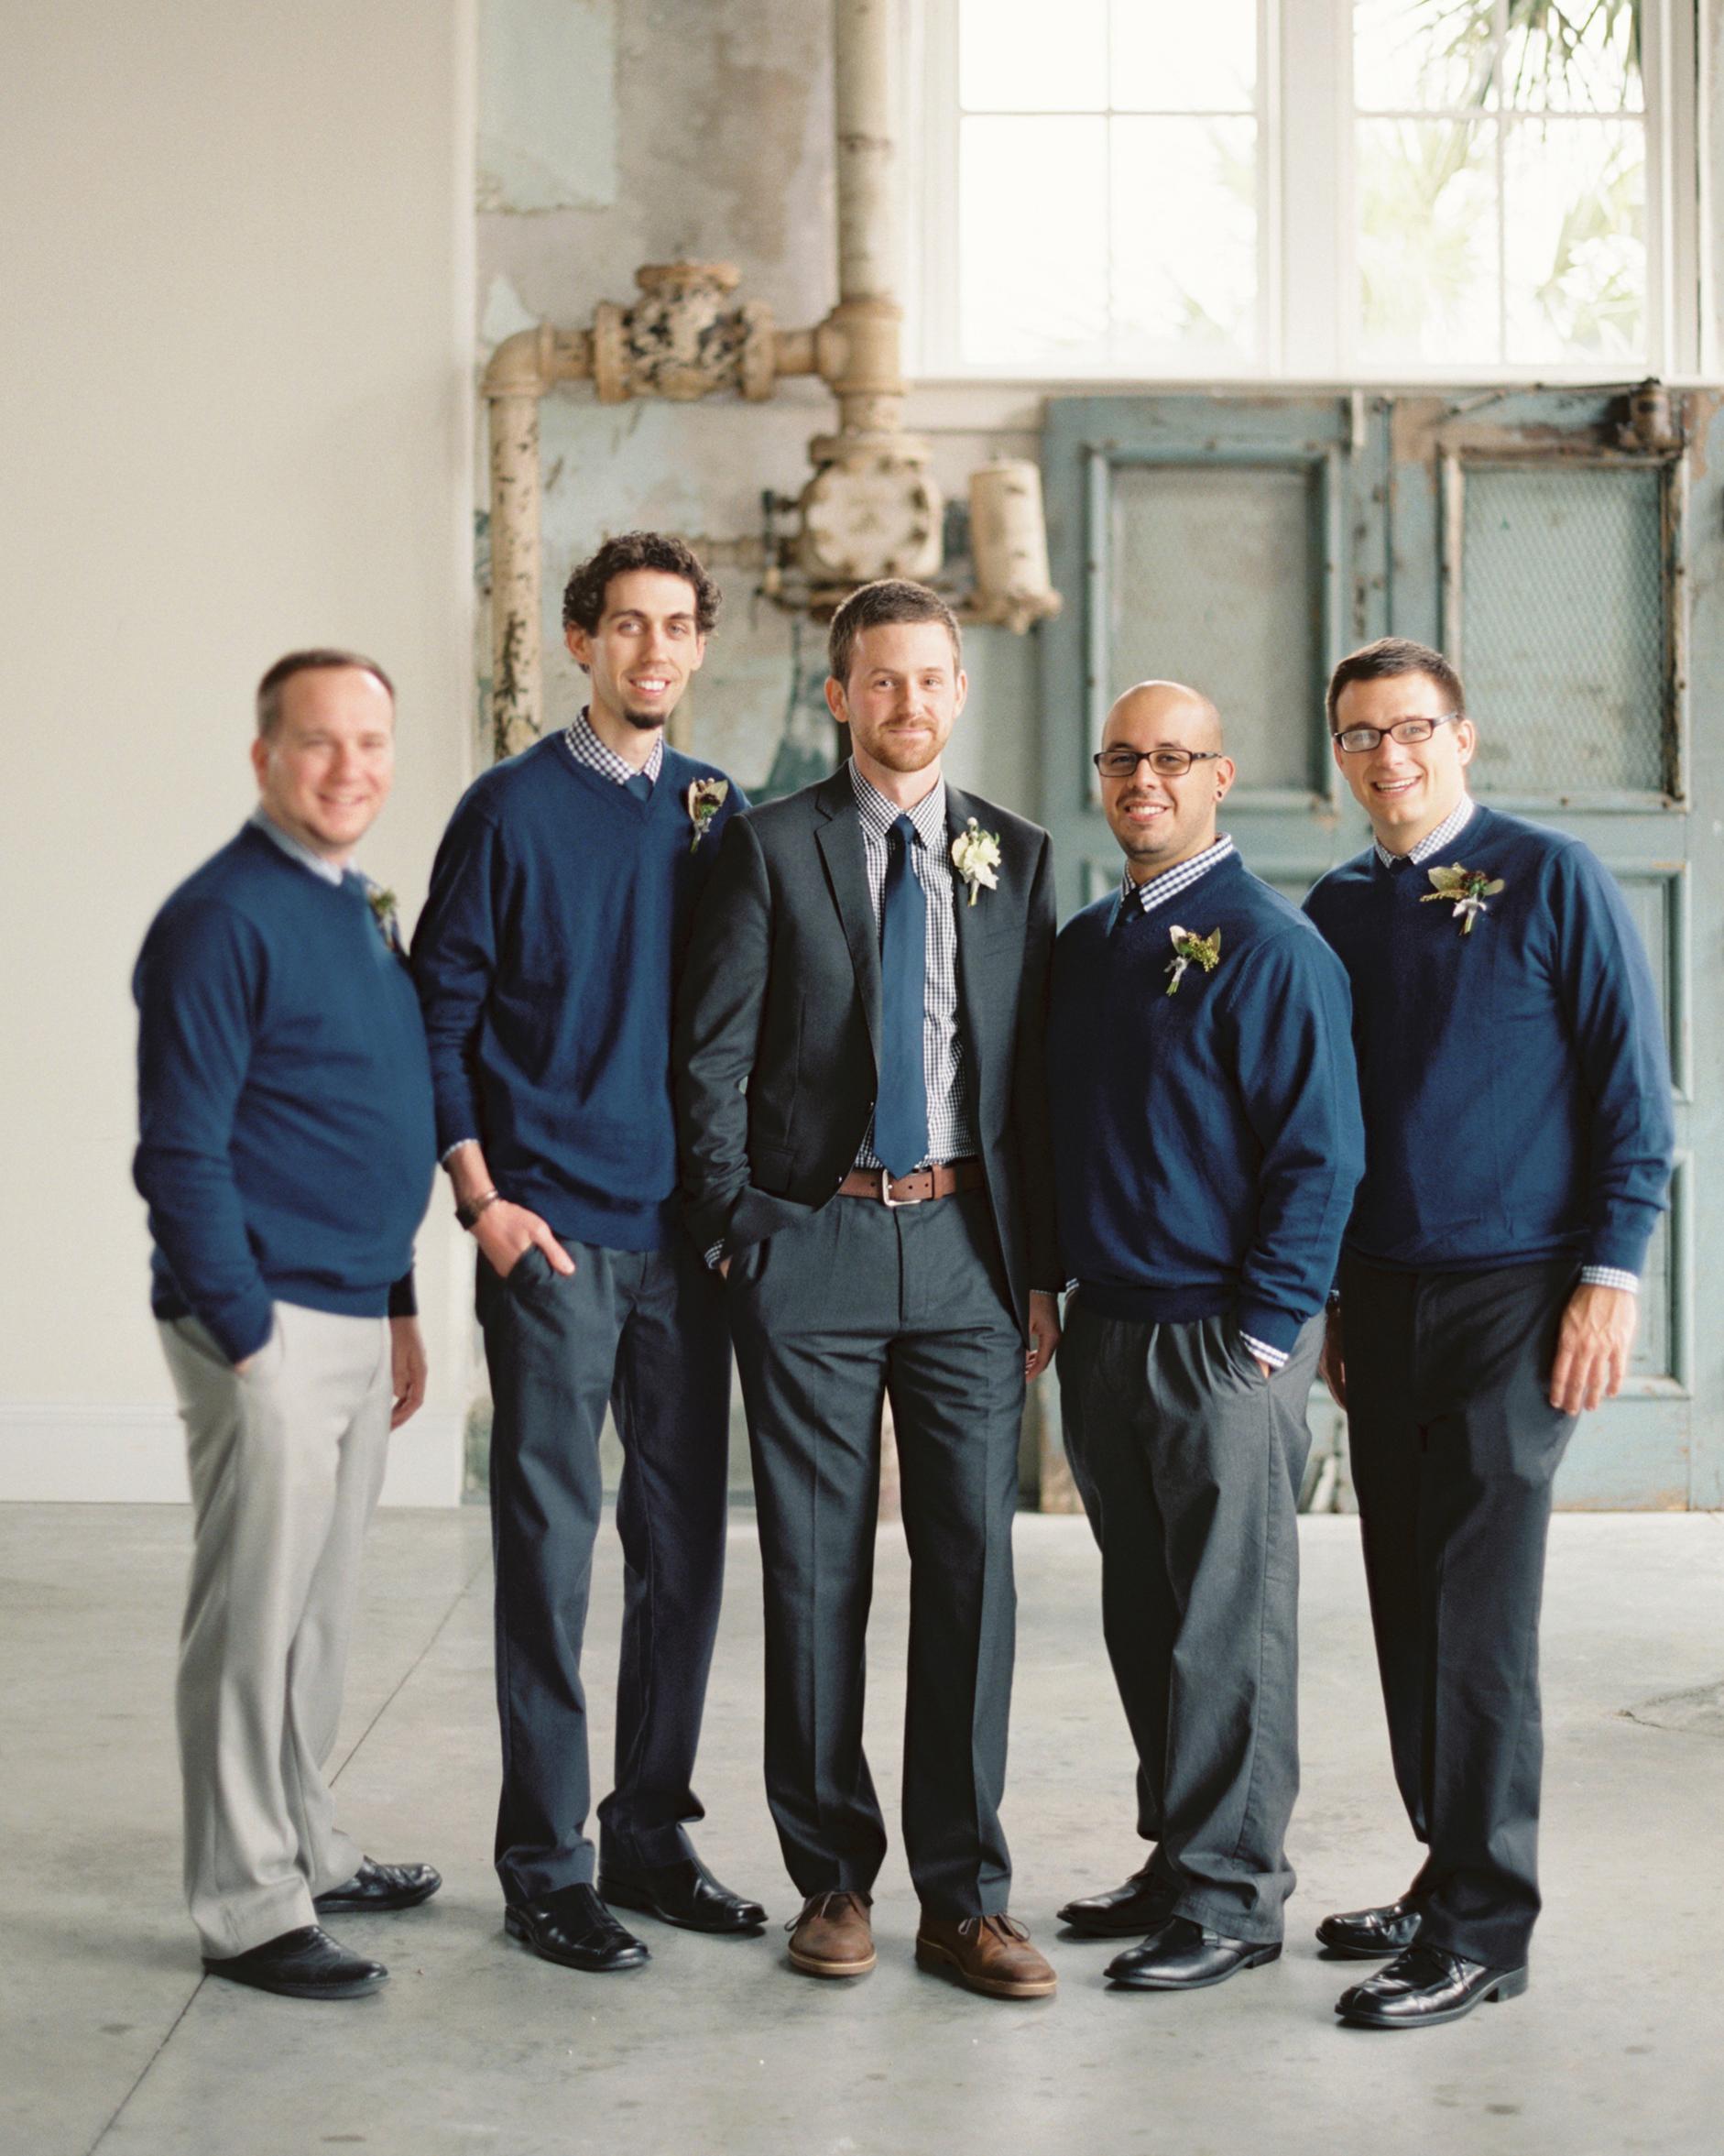 coleen-brandon-wedding-groomsmen-0614.jpg